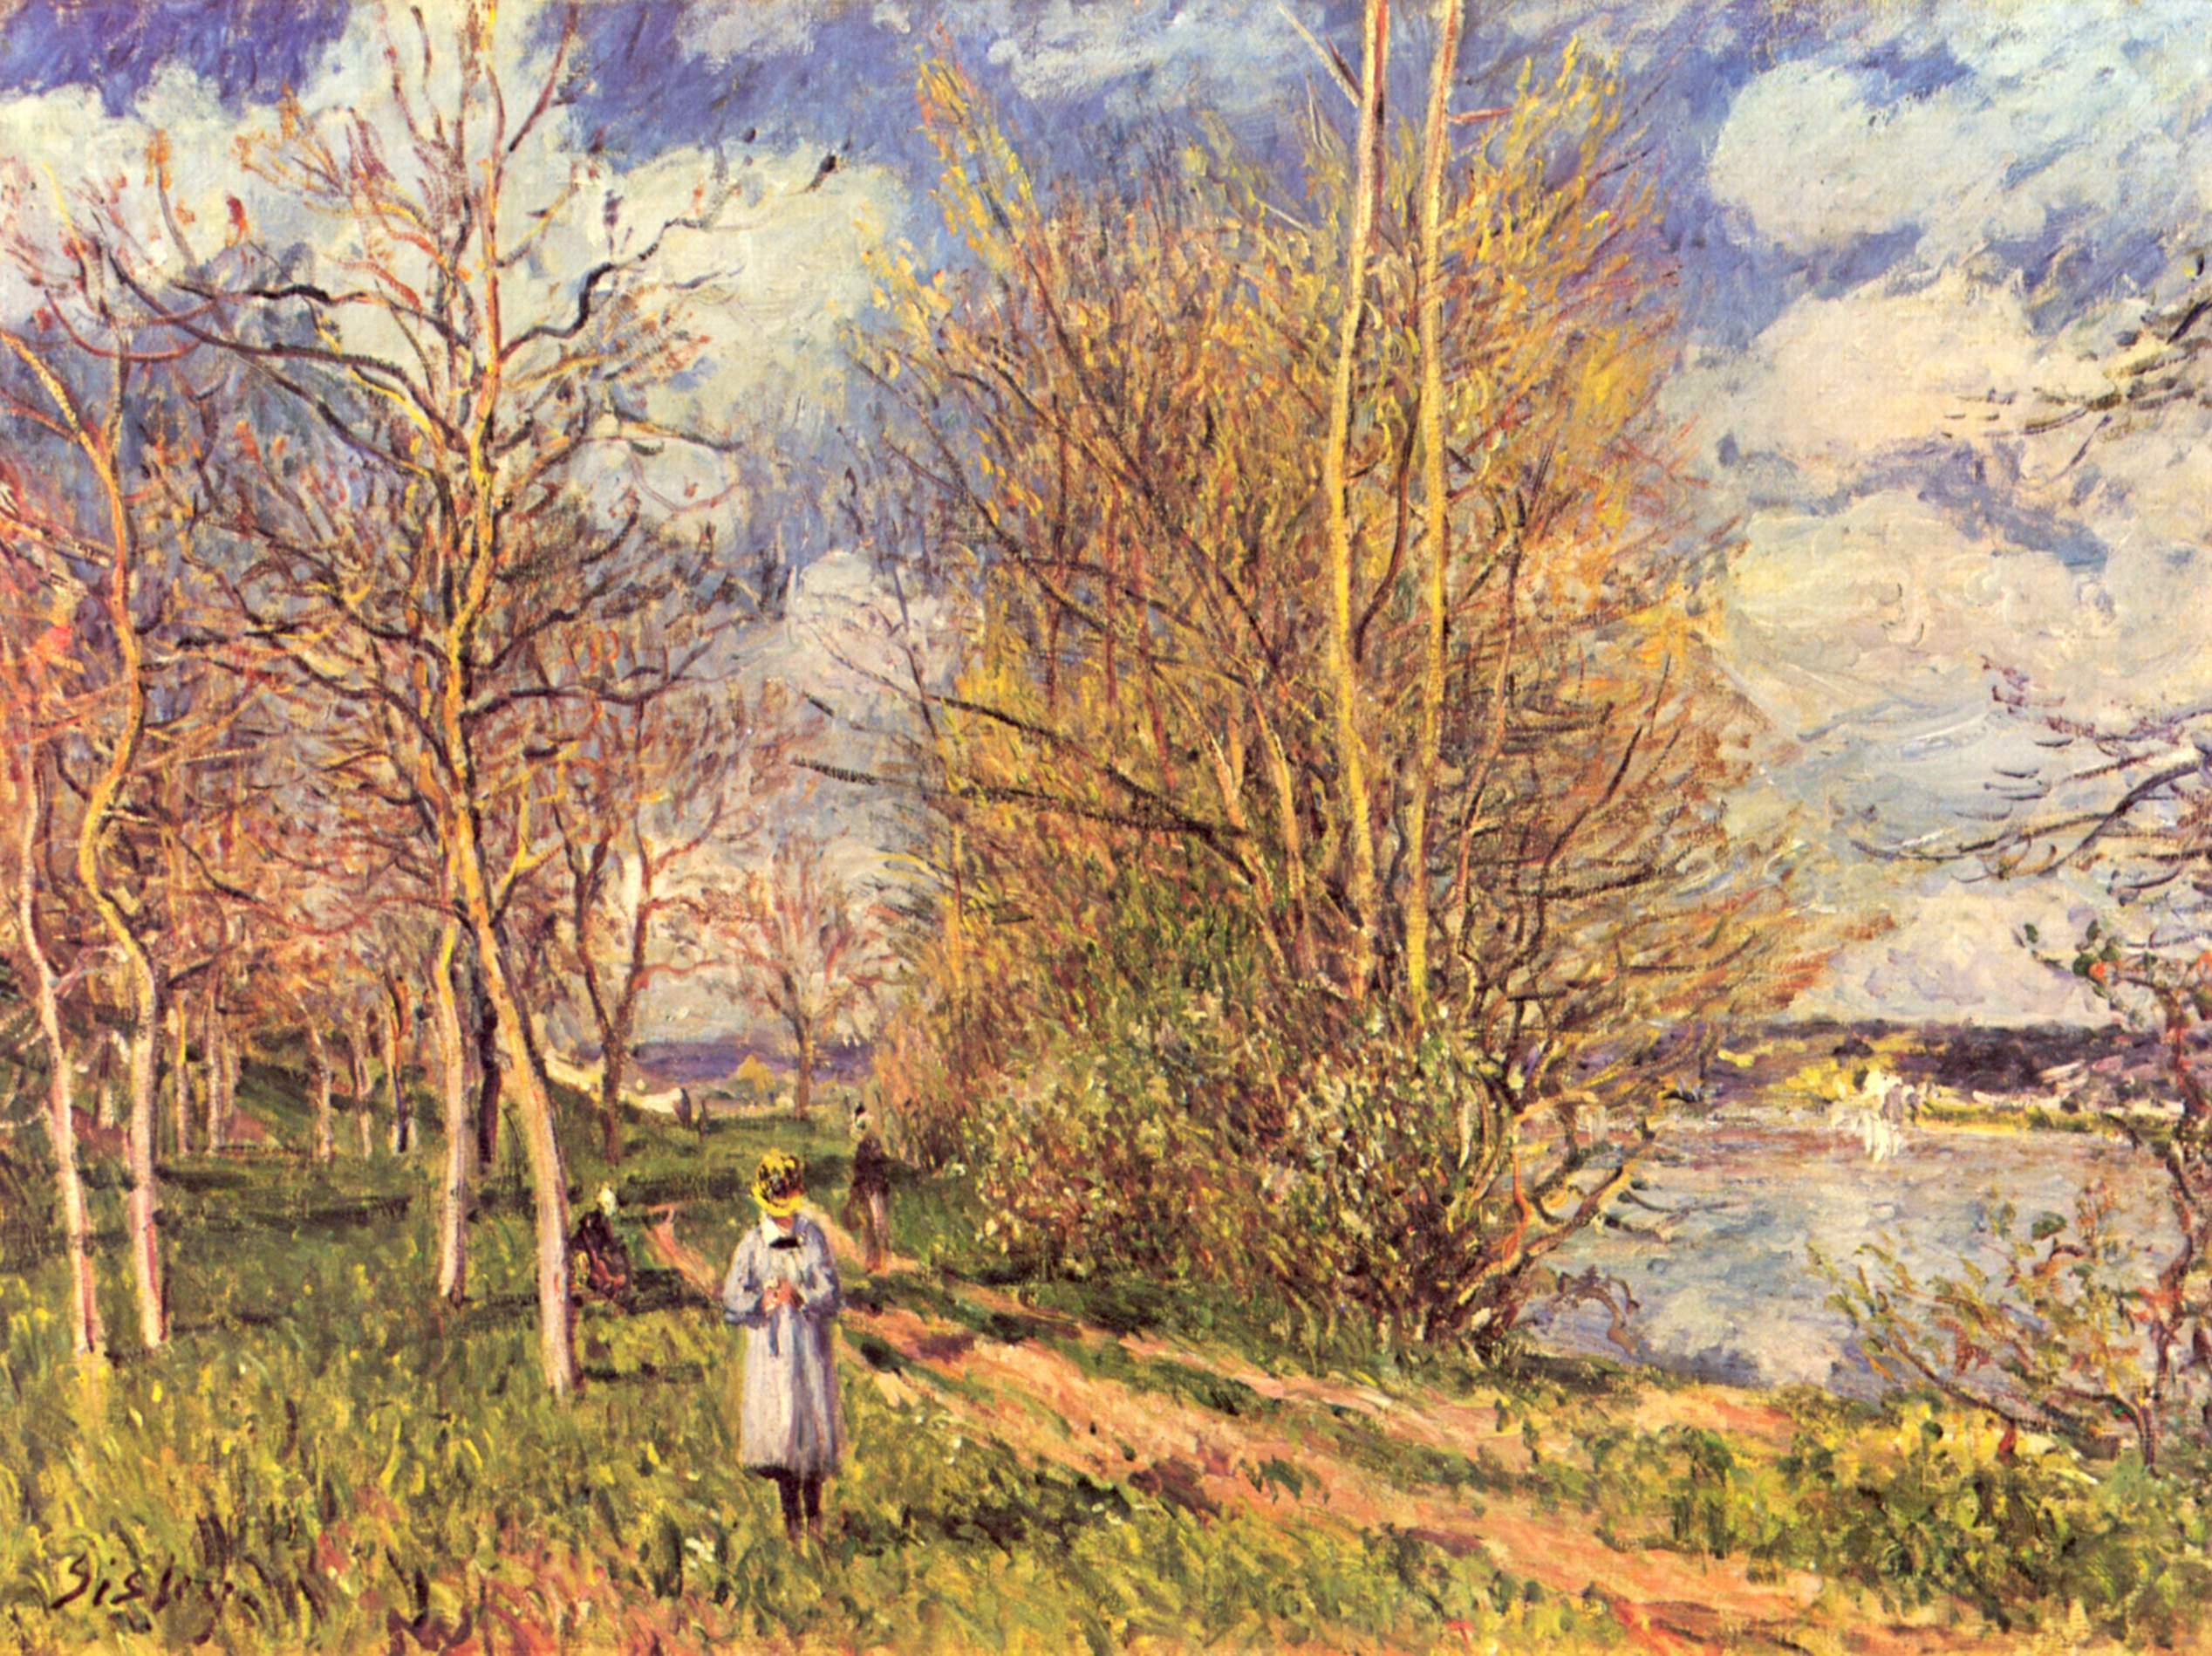 File:Alfred Sisley 016.jpg - Wikimedia Commons